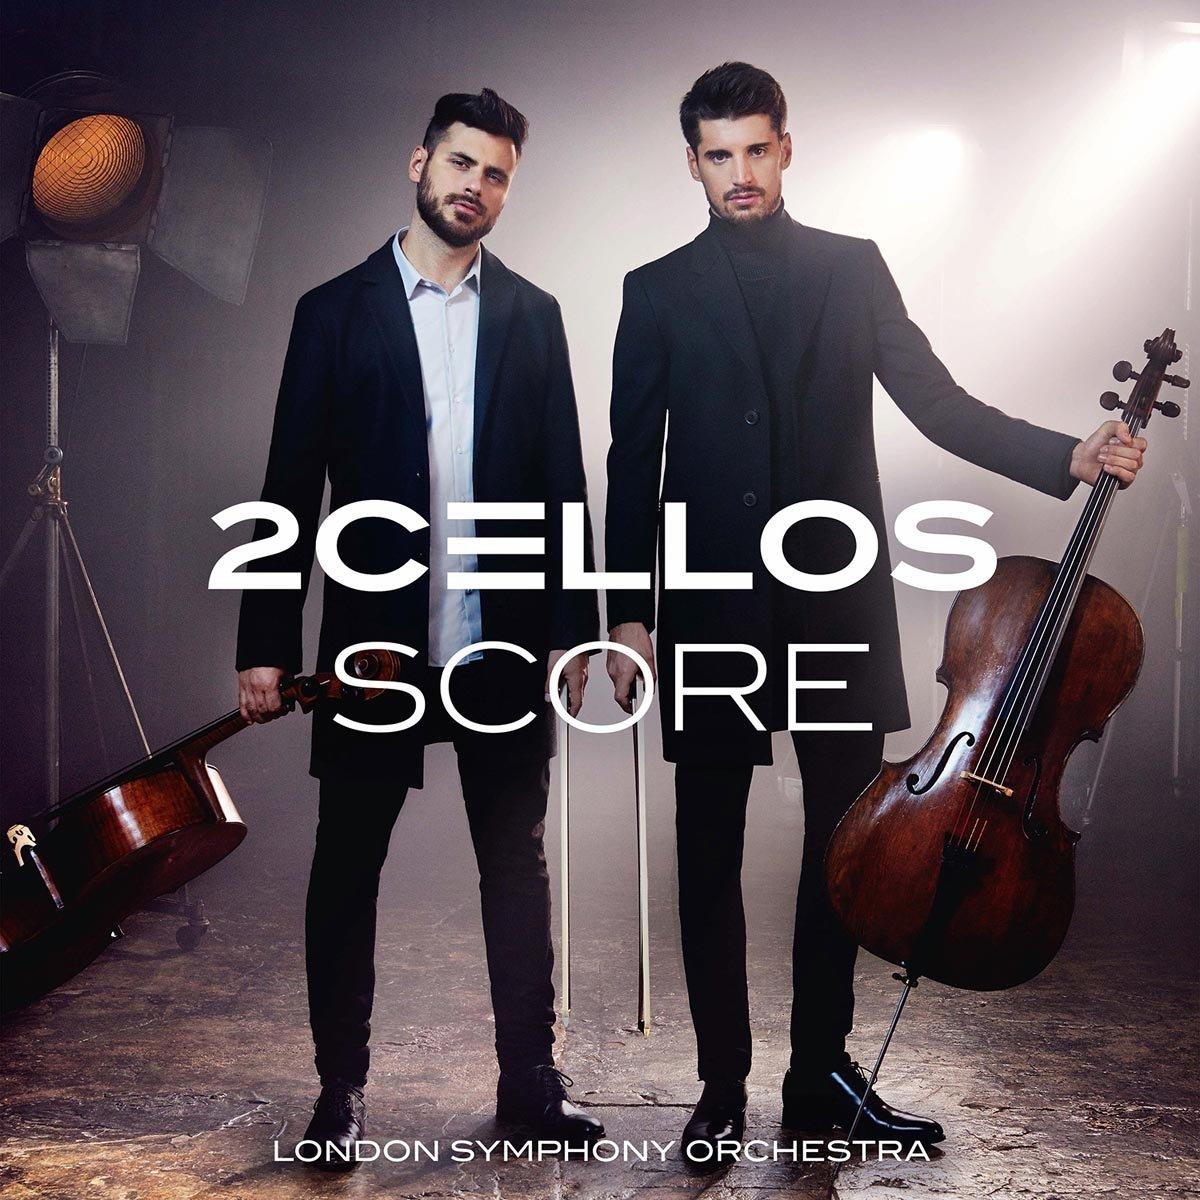 Vinilo : 2Cellos - Score (Limited Edition, White, Gatefold LP Jacket)